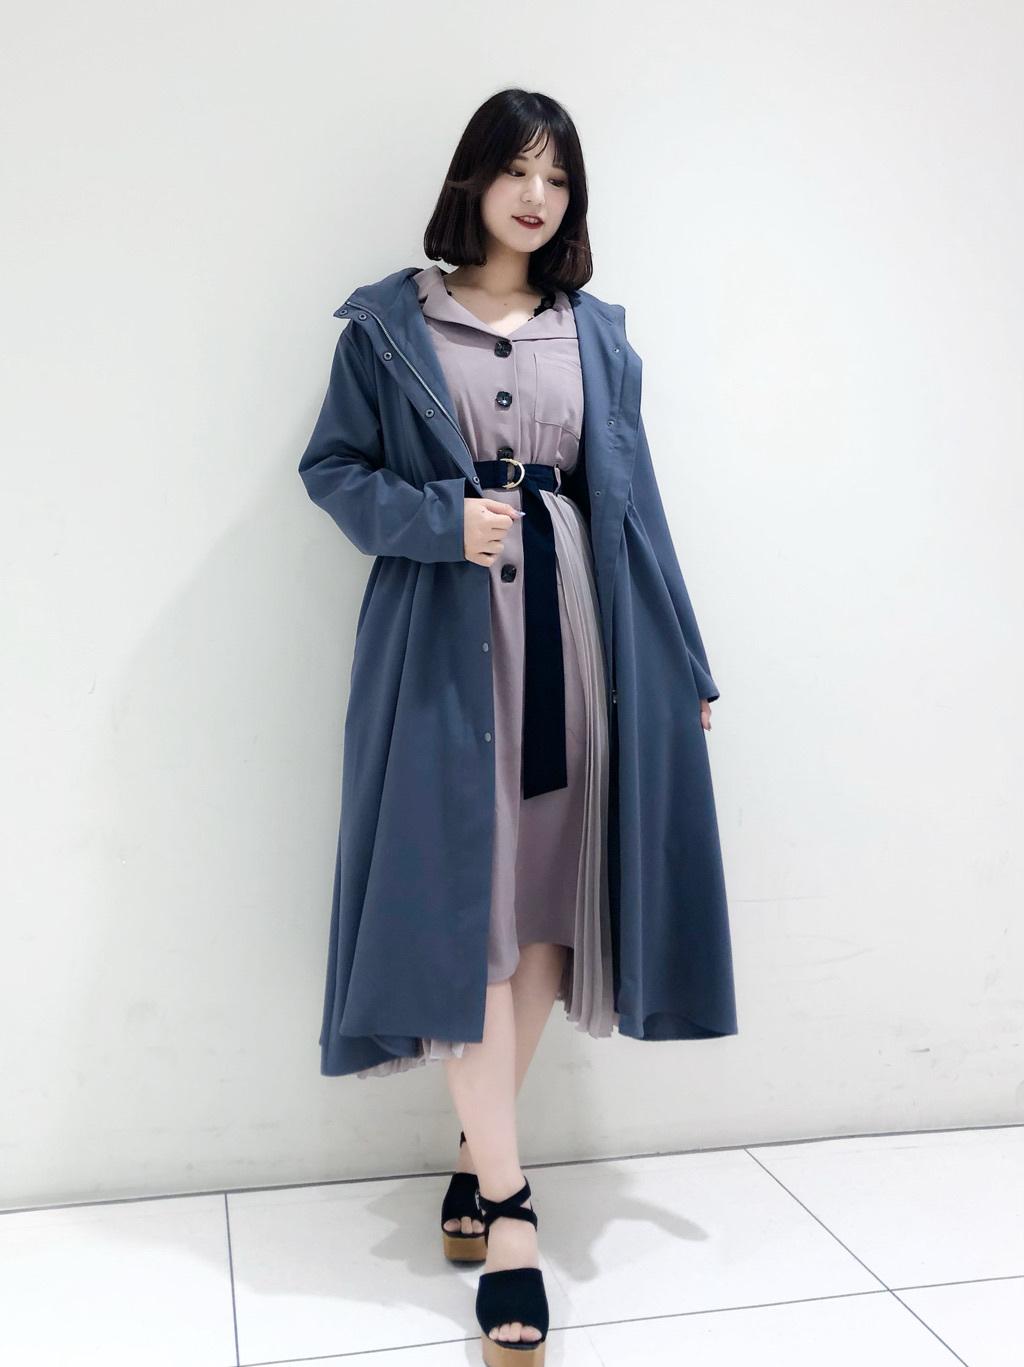 中村知佳(167cm)